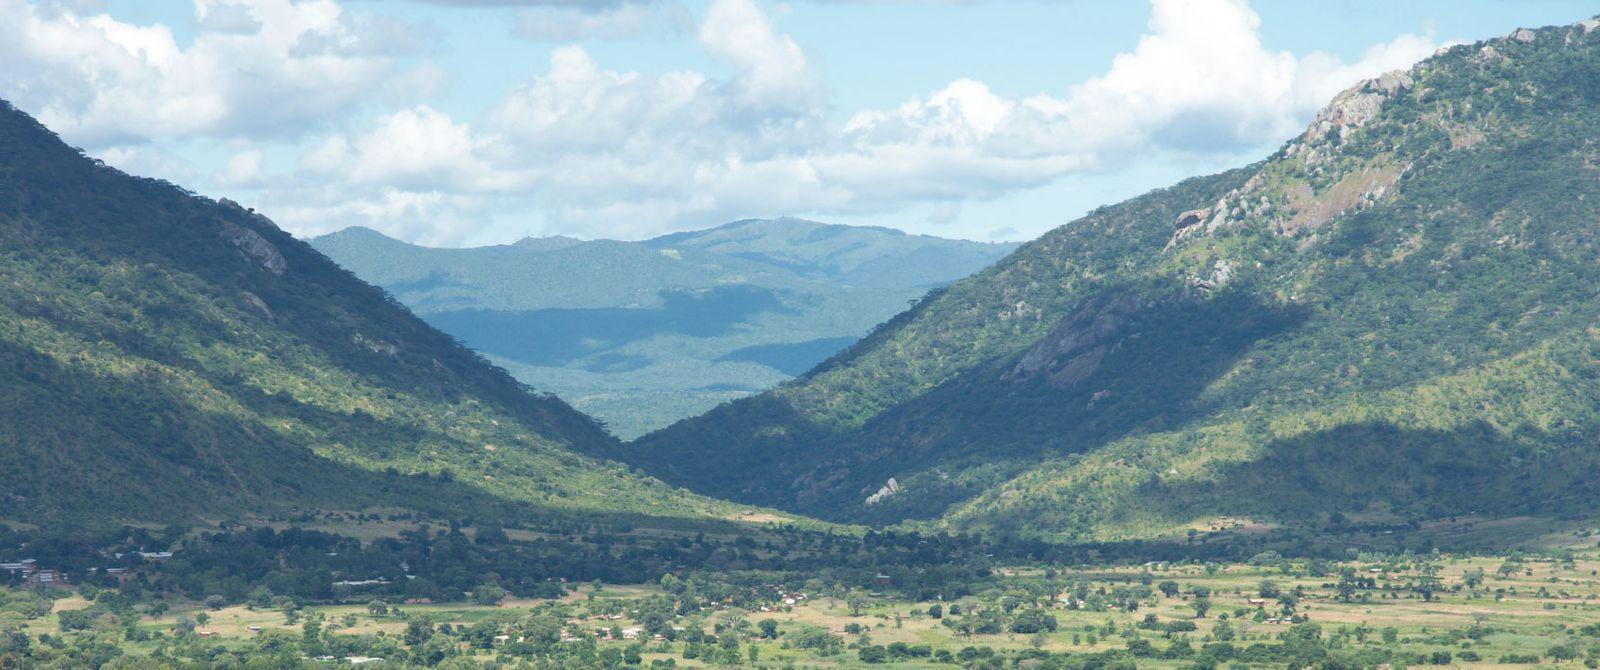 Zomba Plateau